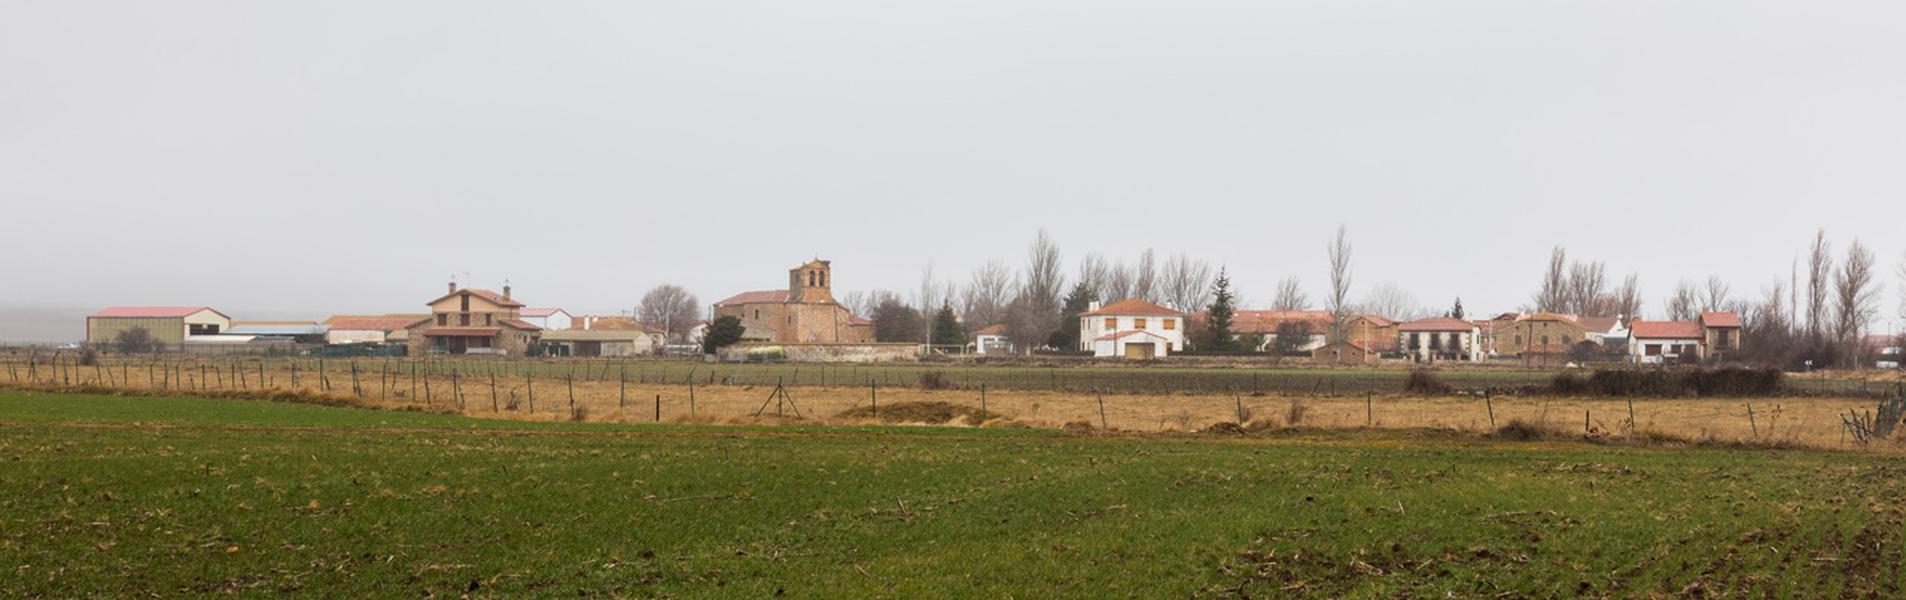 Los Villares de Soria